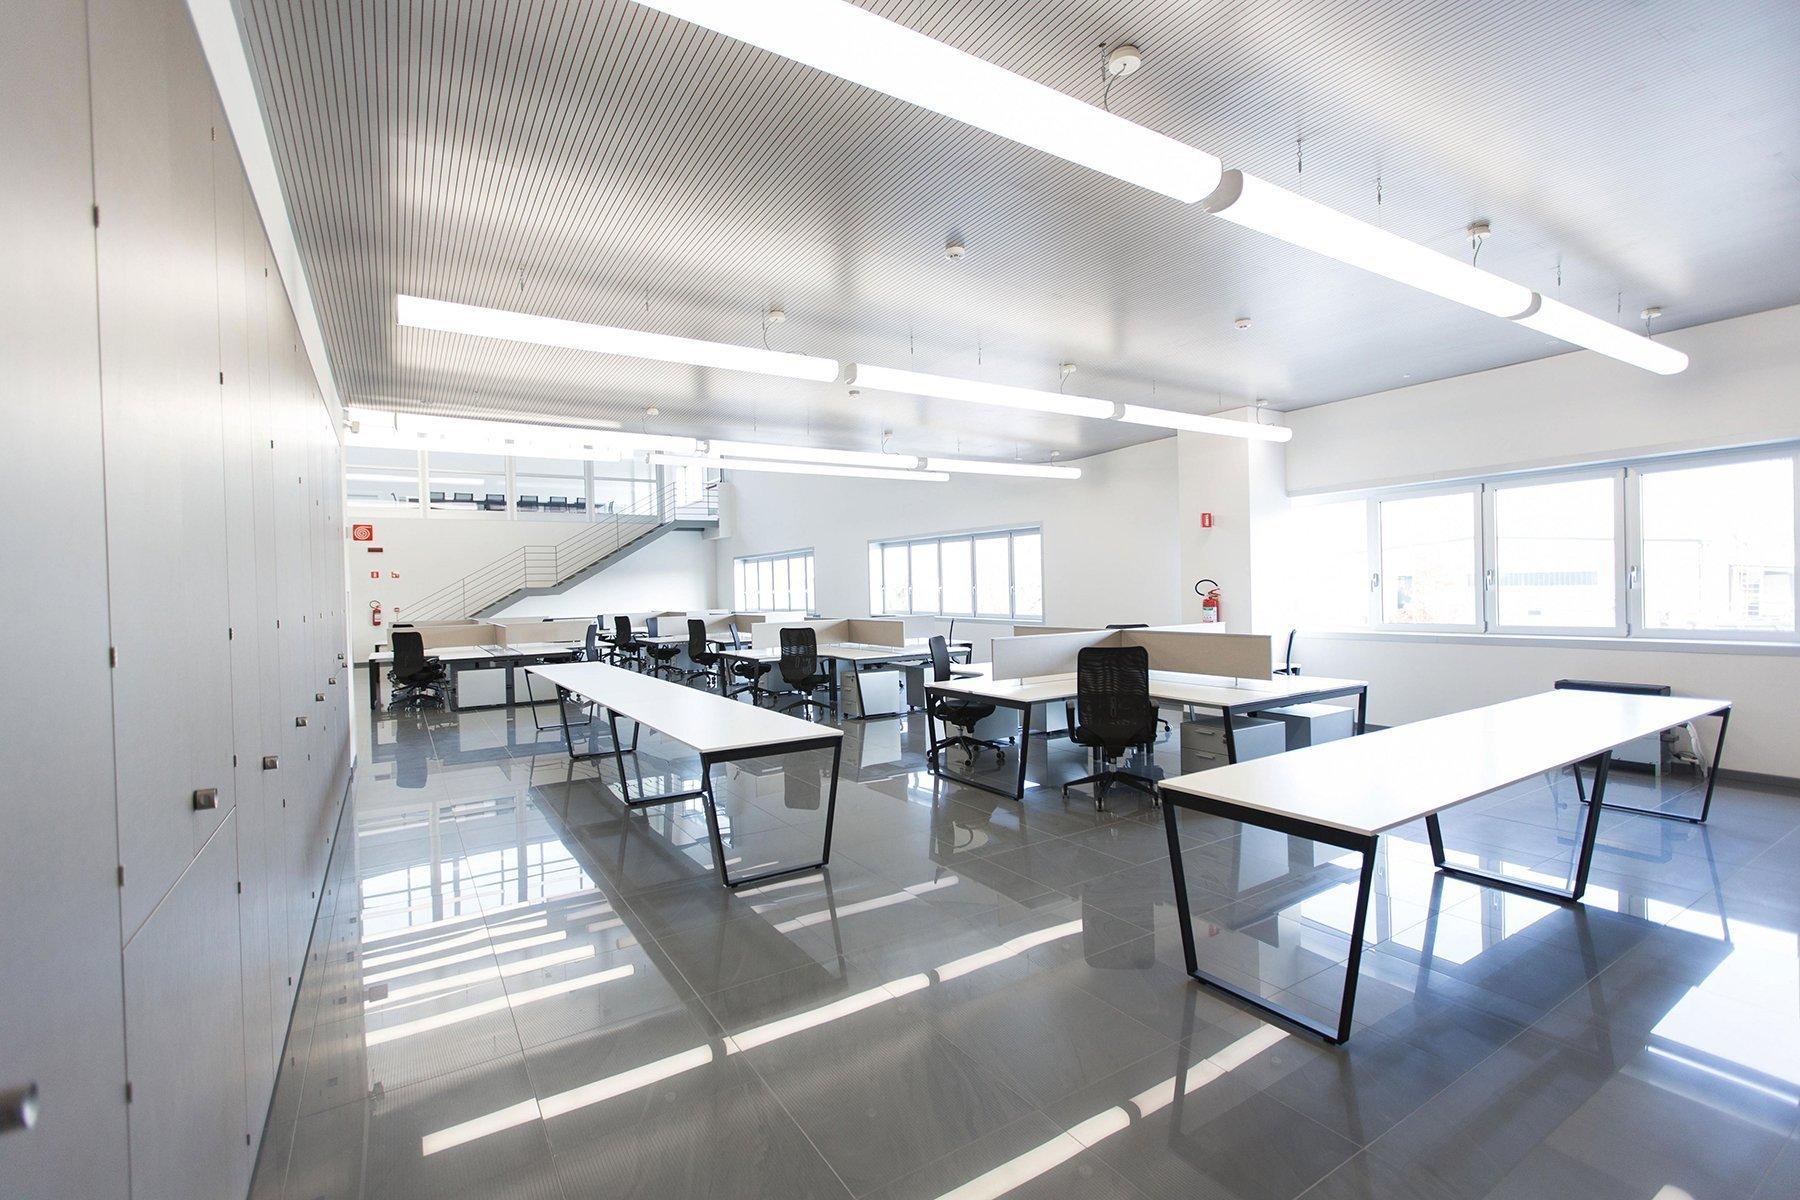 Arko mobili operativi per ufficio arredamento per ufficio - Arredamento per ufficio ...